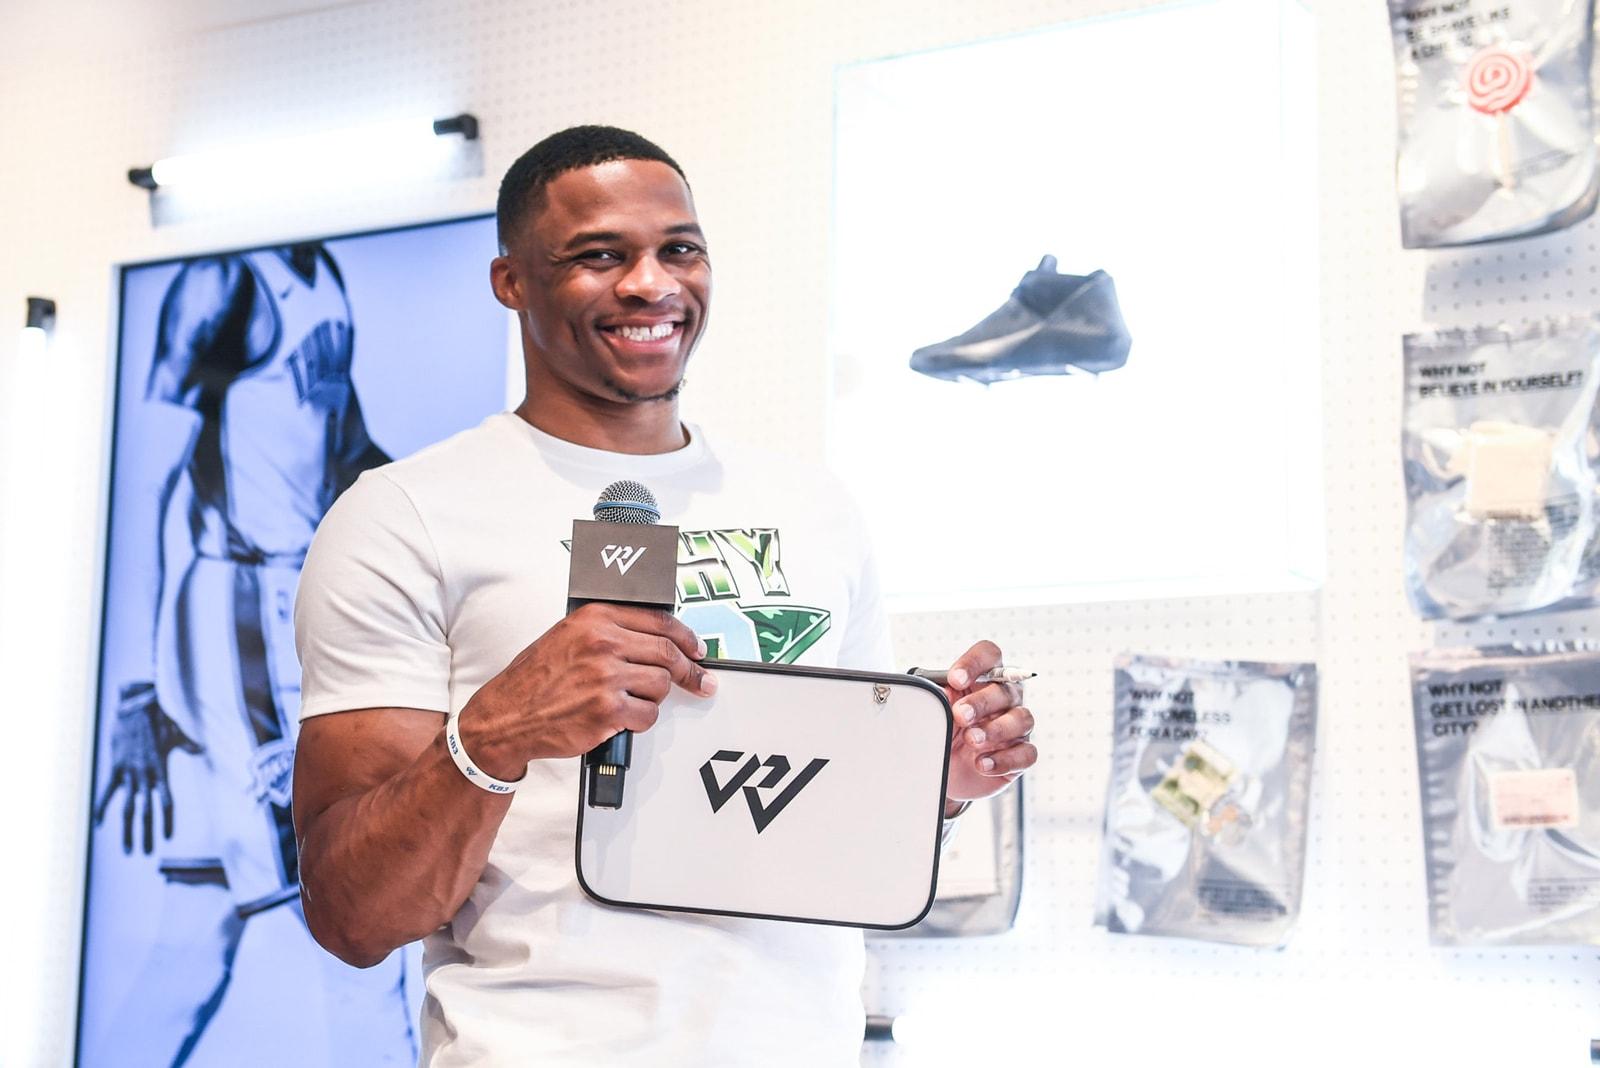 深入 Jordan Brand 上海「Why Not?」企劃-HYPEBEAST 專訪 Russell Westbrook